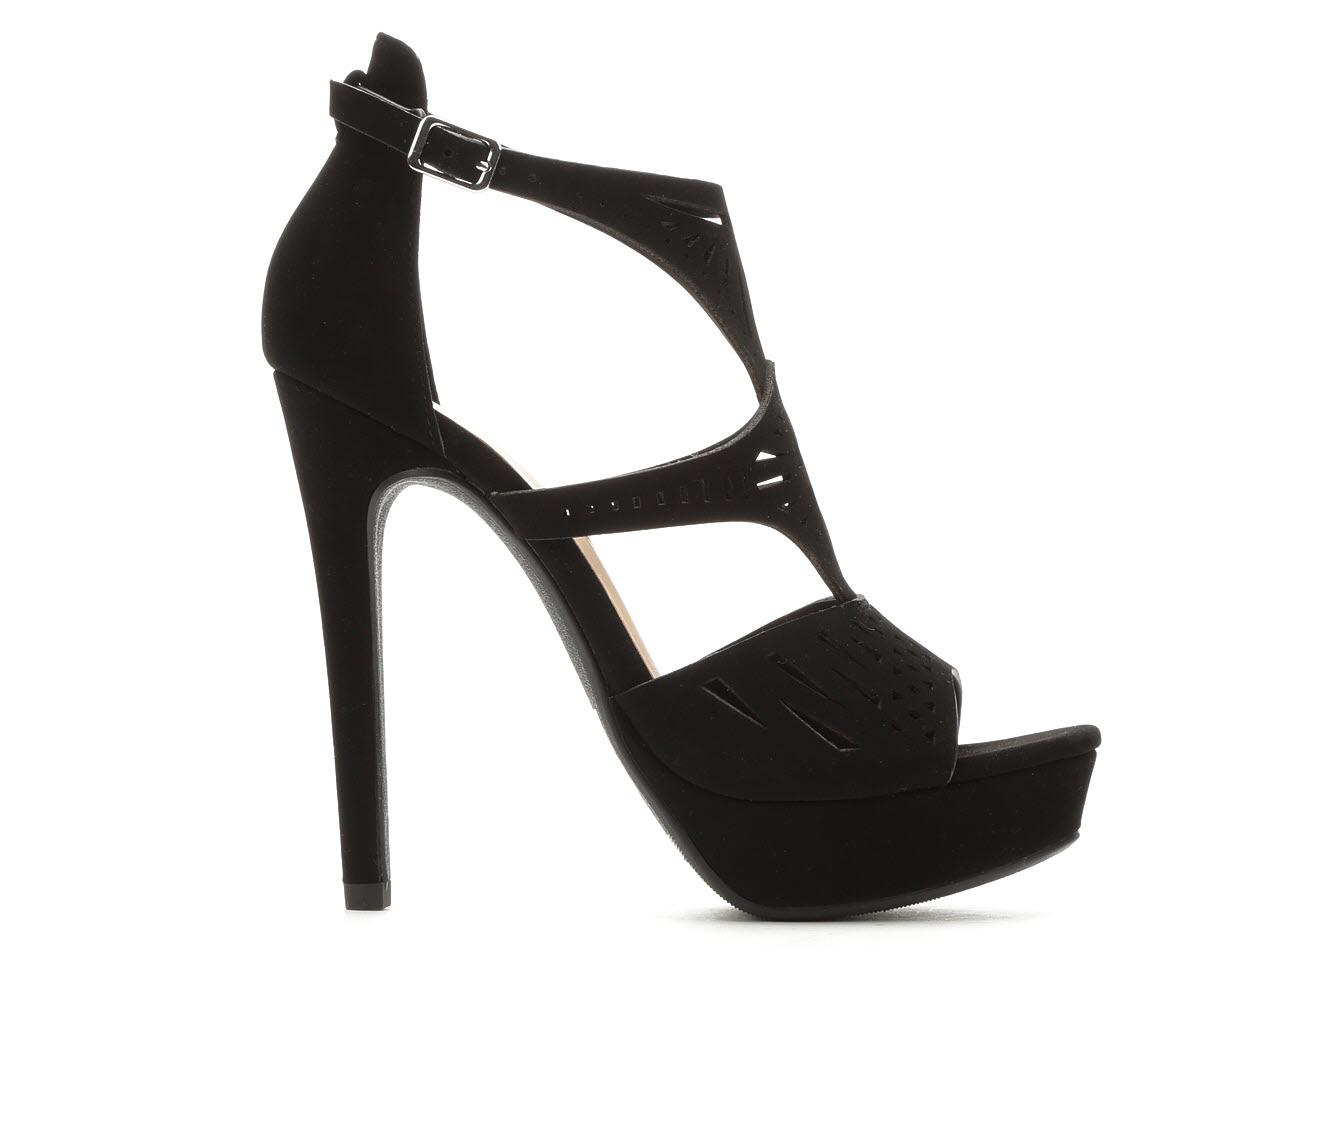 Delicious Abagale Women's Dress Shoe (Black Faux Leather)